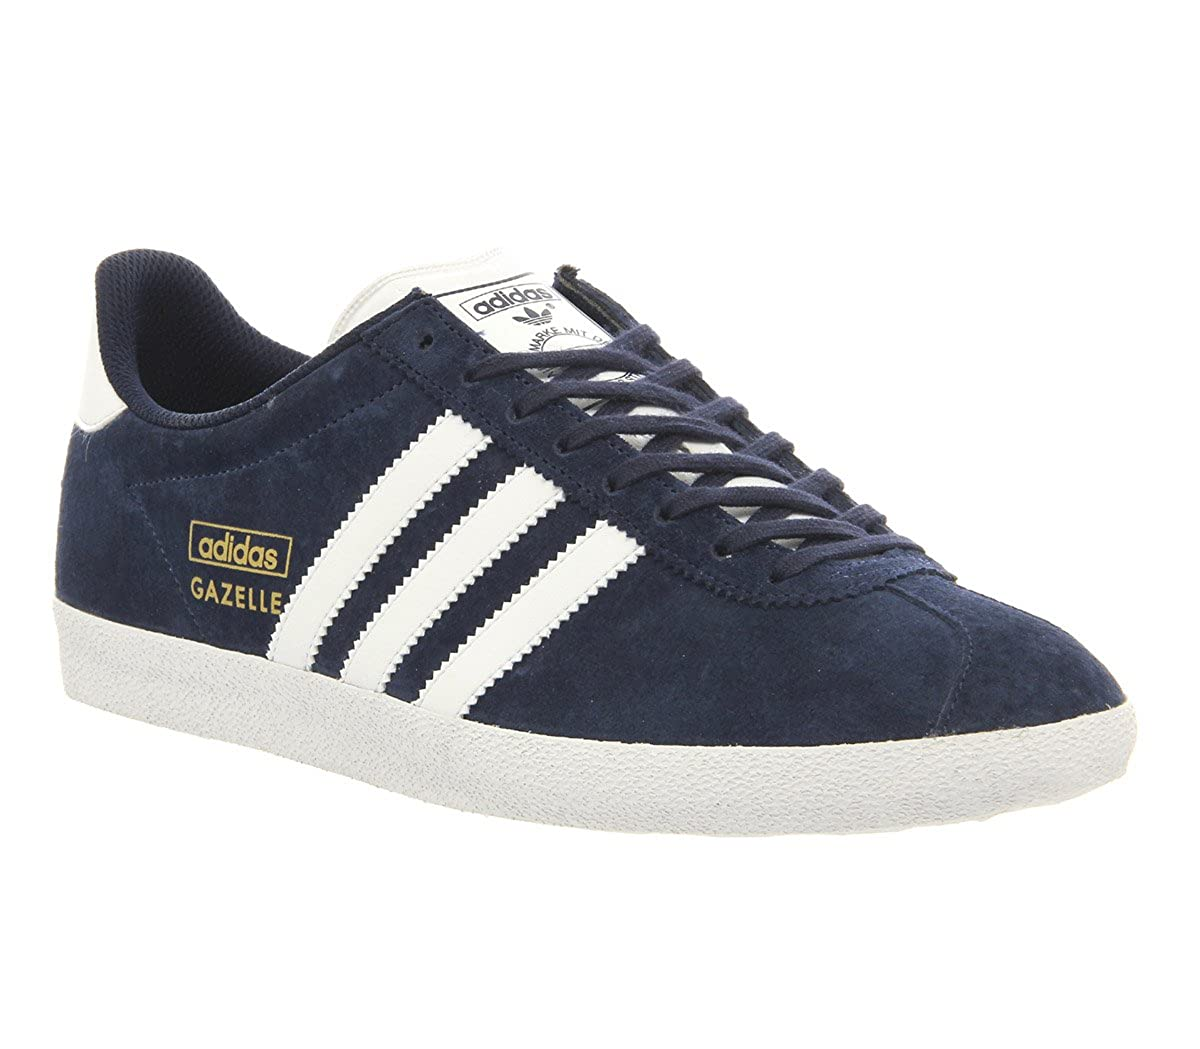 best sneakers 72f3d 7ee5b Adidas Gazelle Og Dark Indigo White - 6 UK Amazon.co.uk Shoe